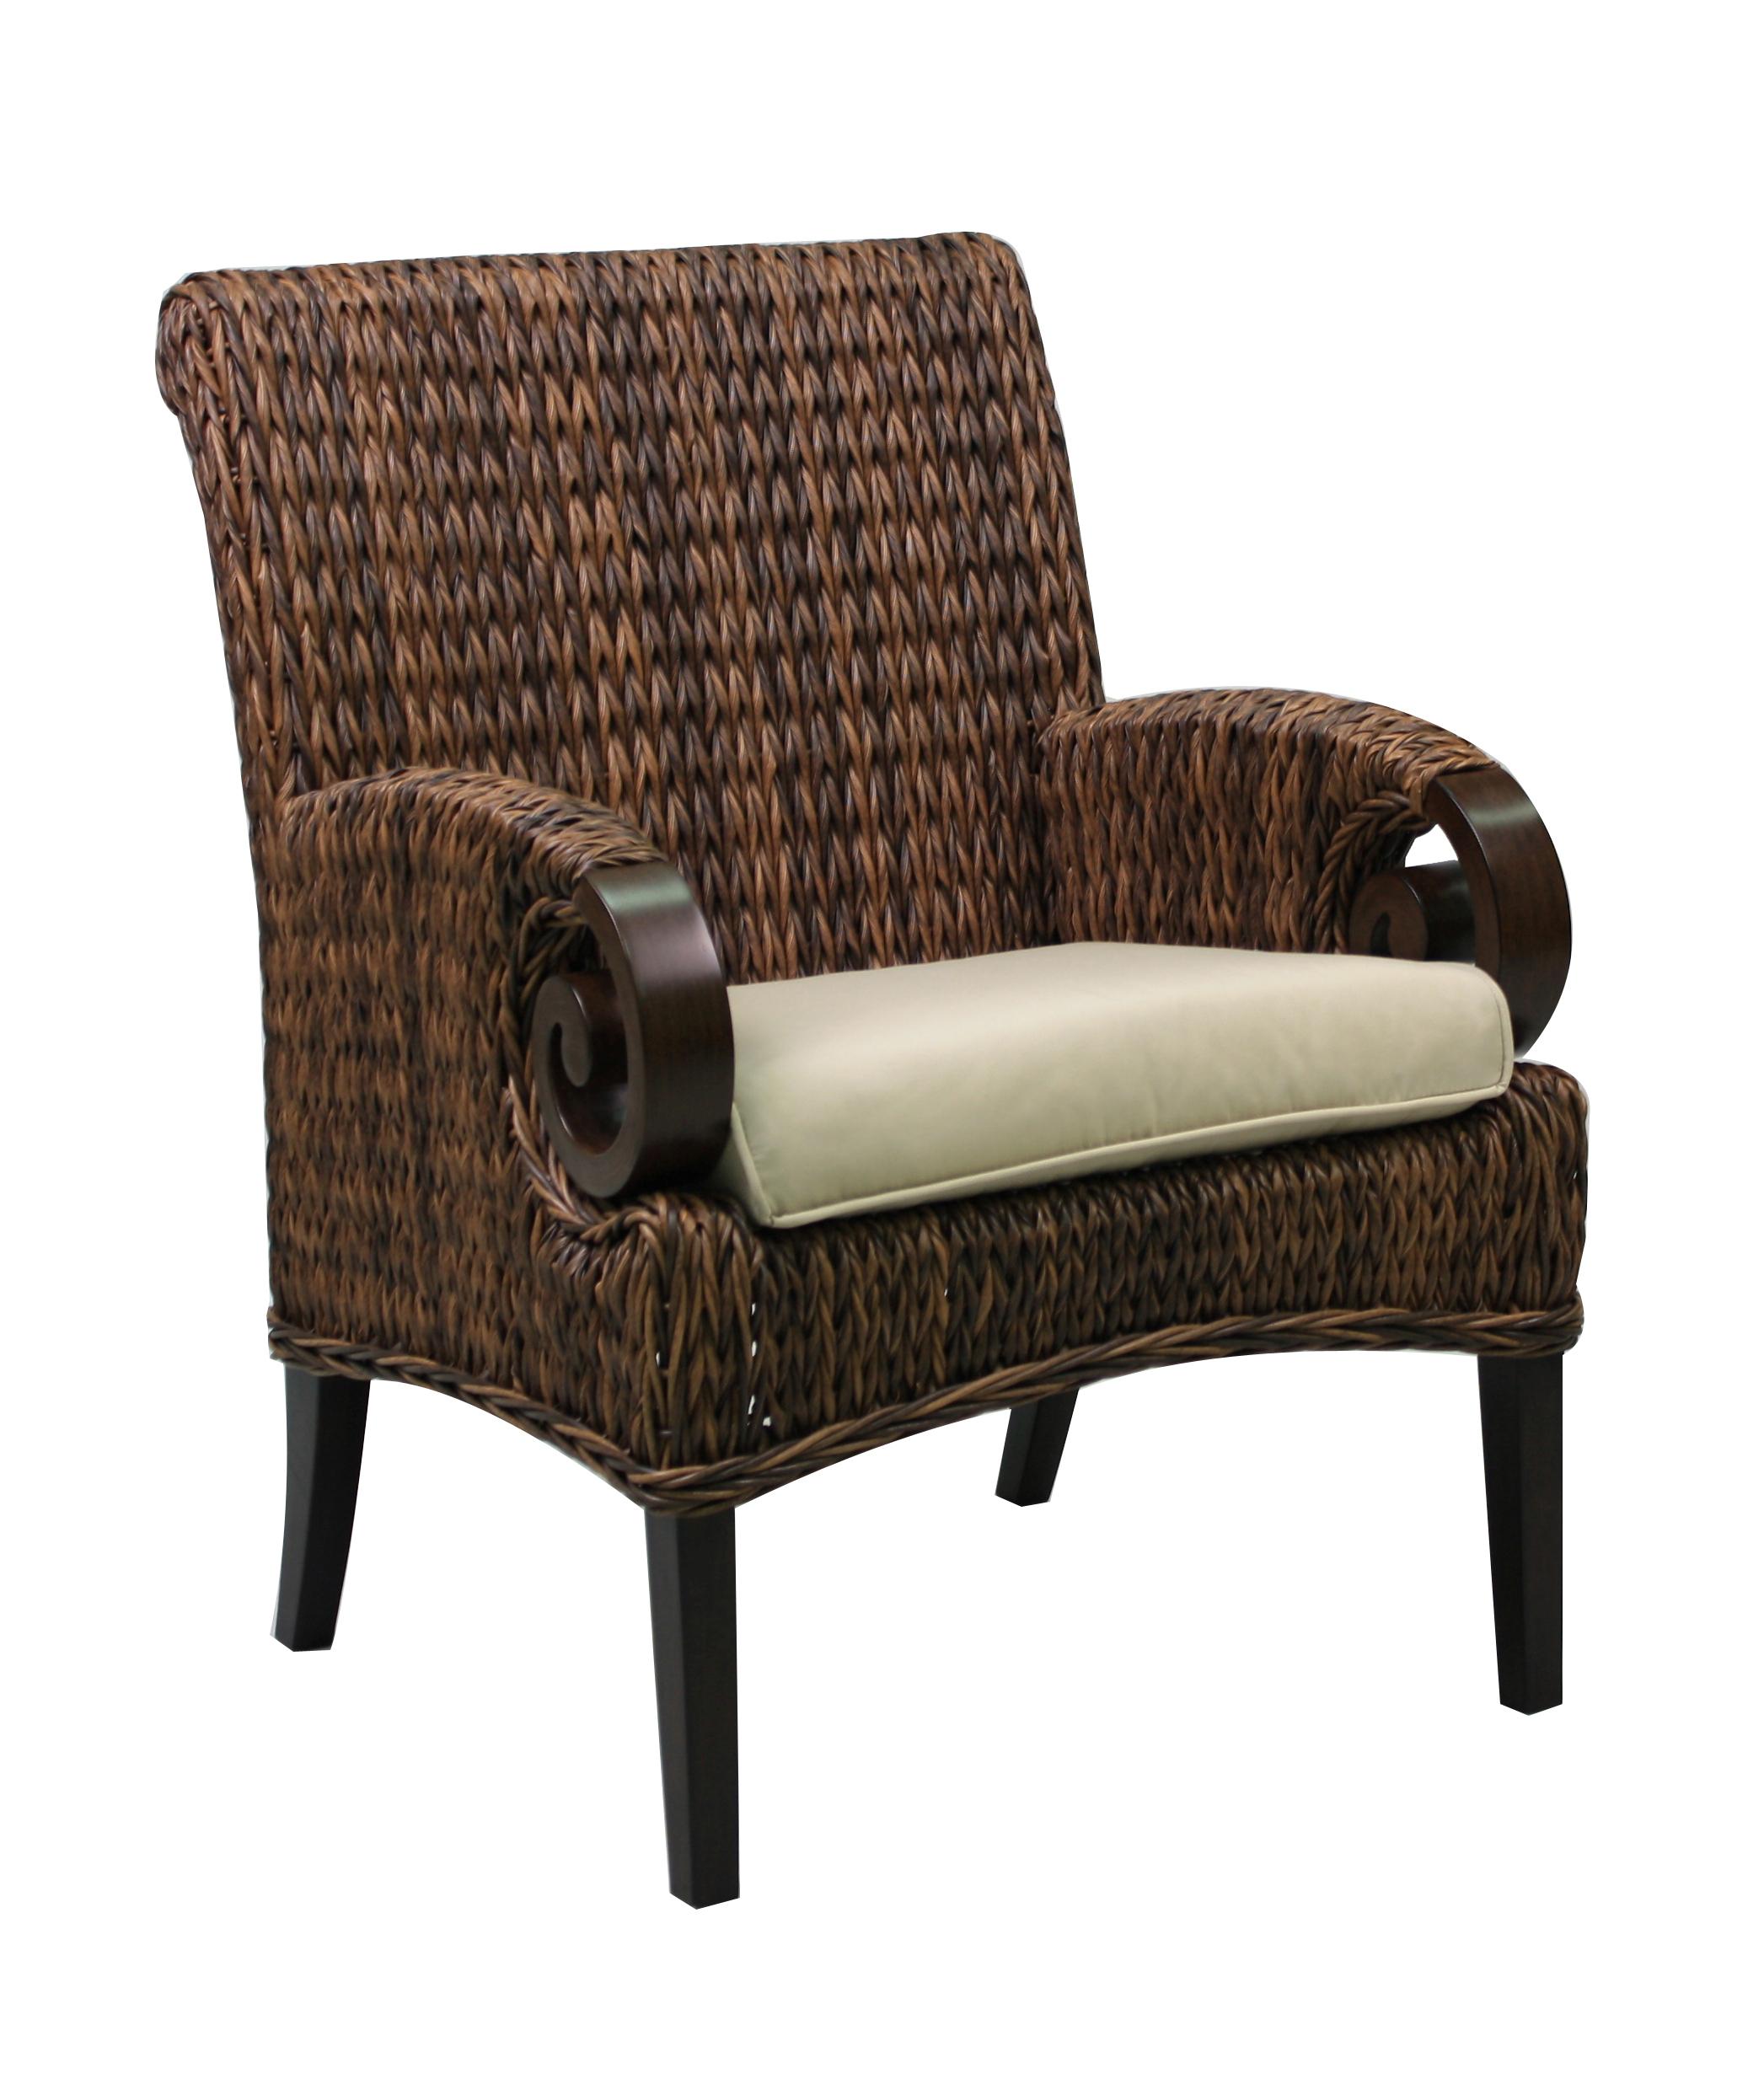 """973821 Antigua Dining Chair   28.7"""" x 26.5"""" x 36.9"""""""